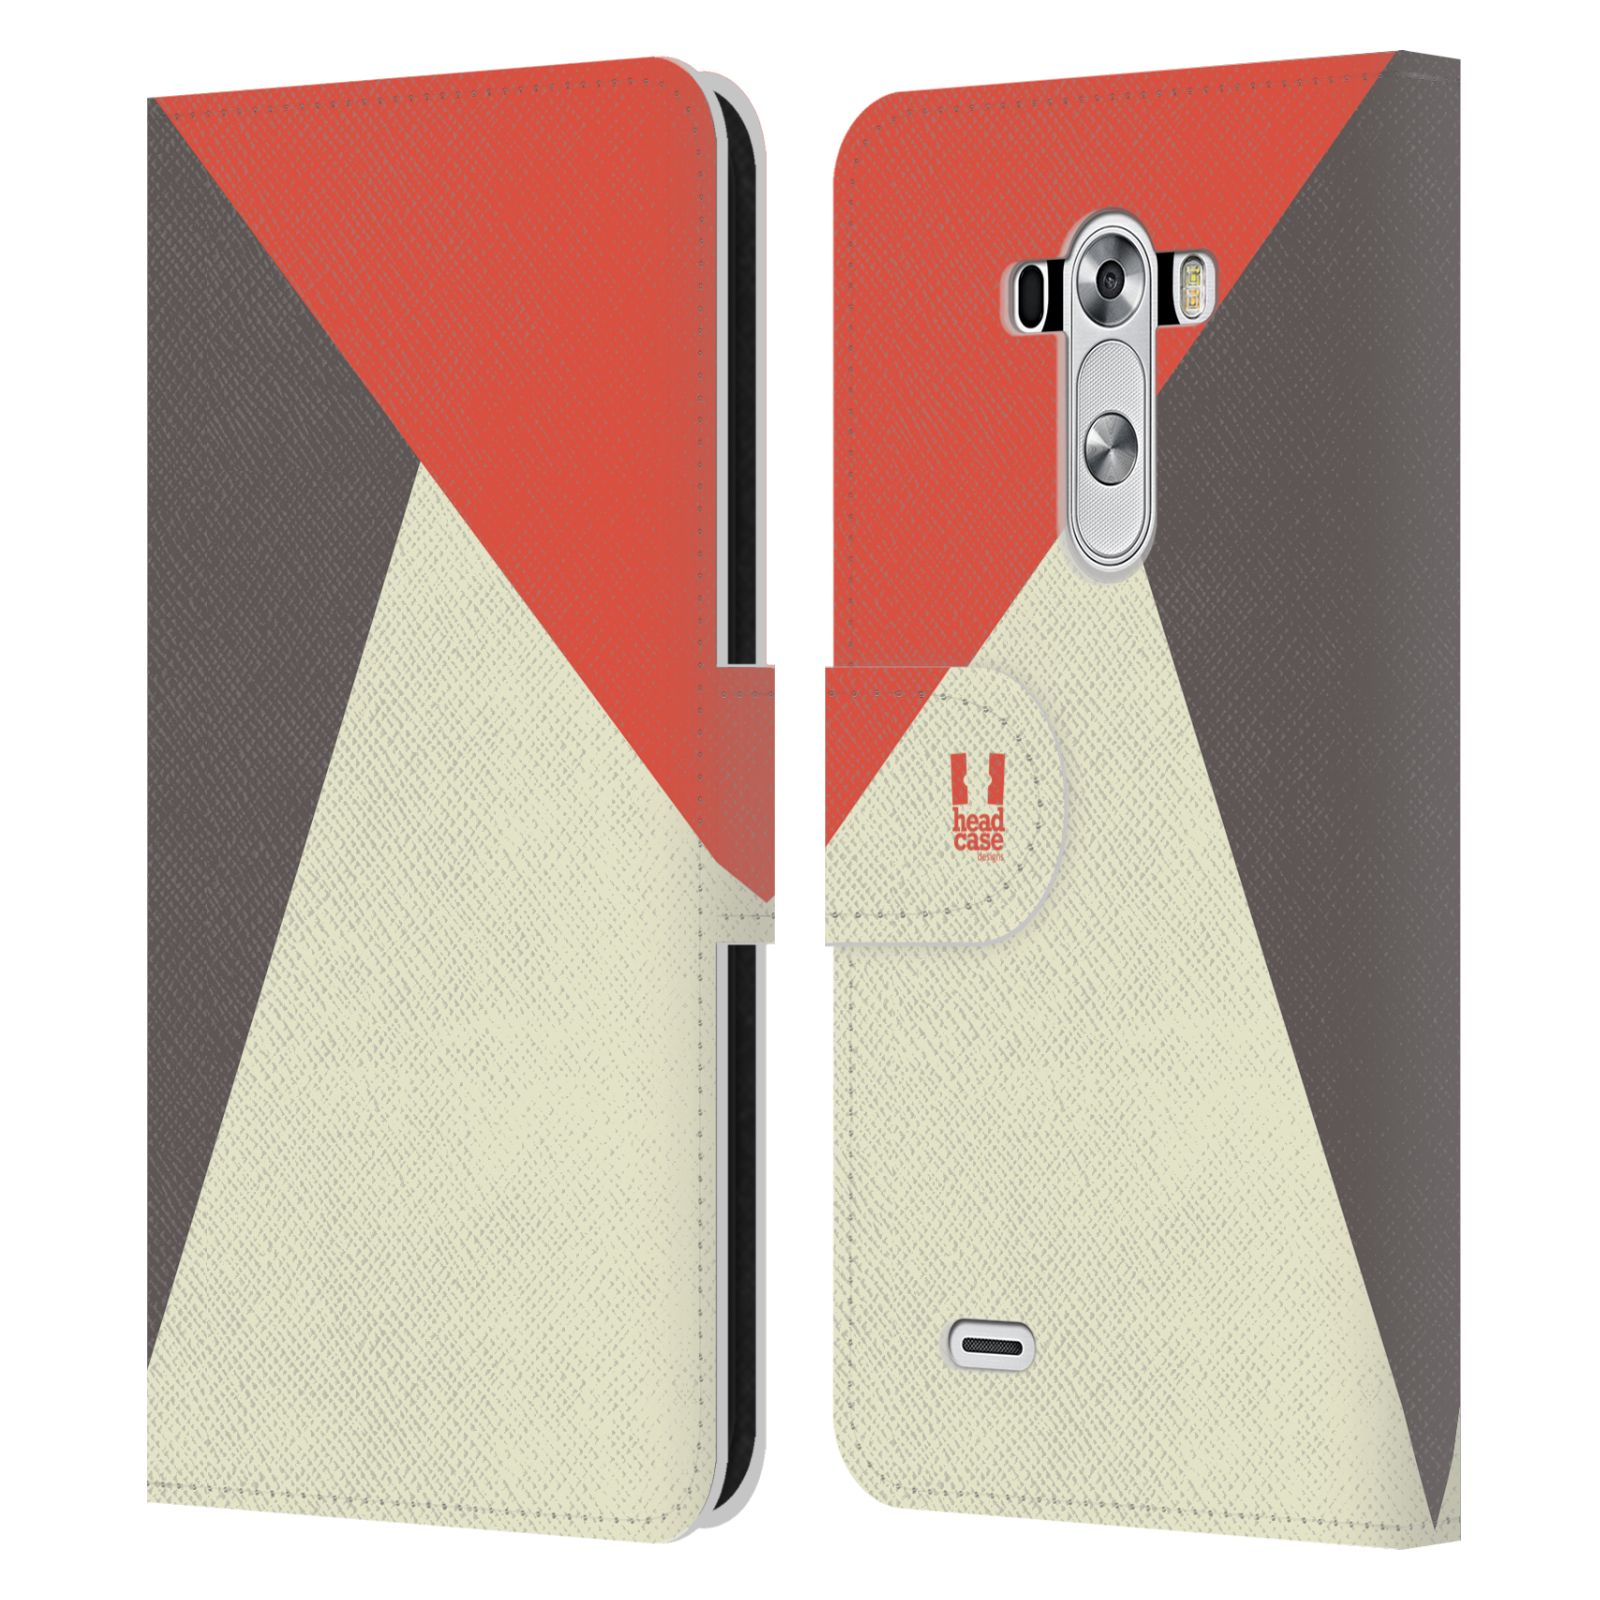 HEAD CASE Flipové pouzdro pro mobil LG G3 barevné tvary červená a šedá COOL